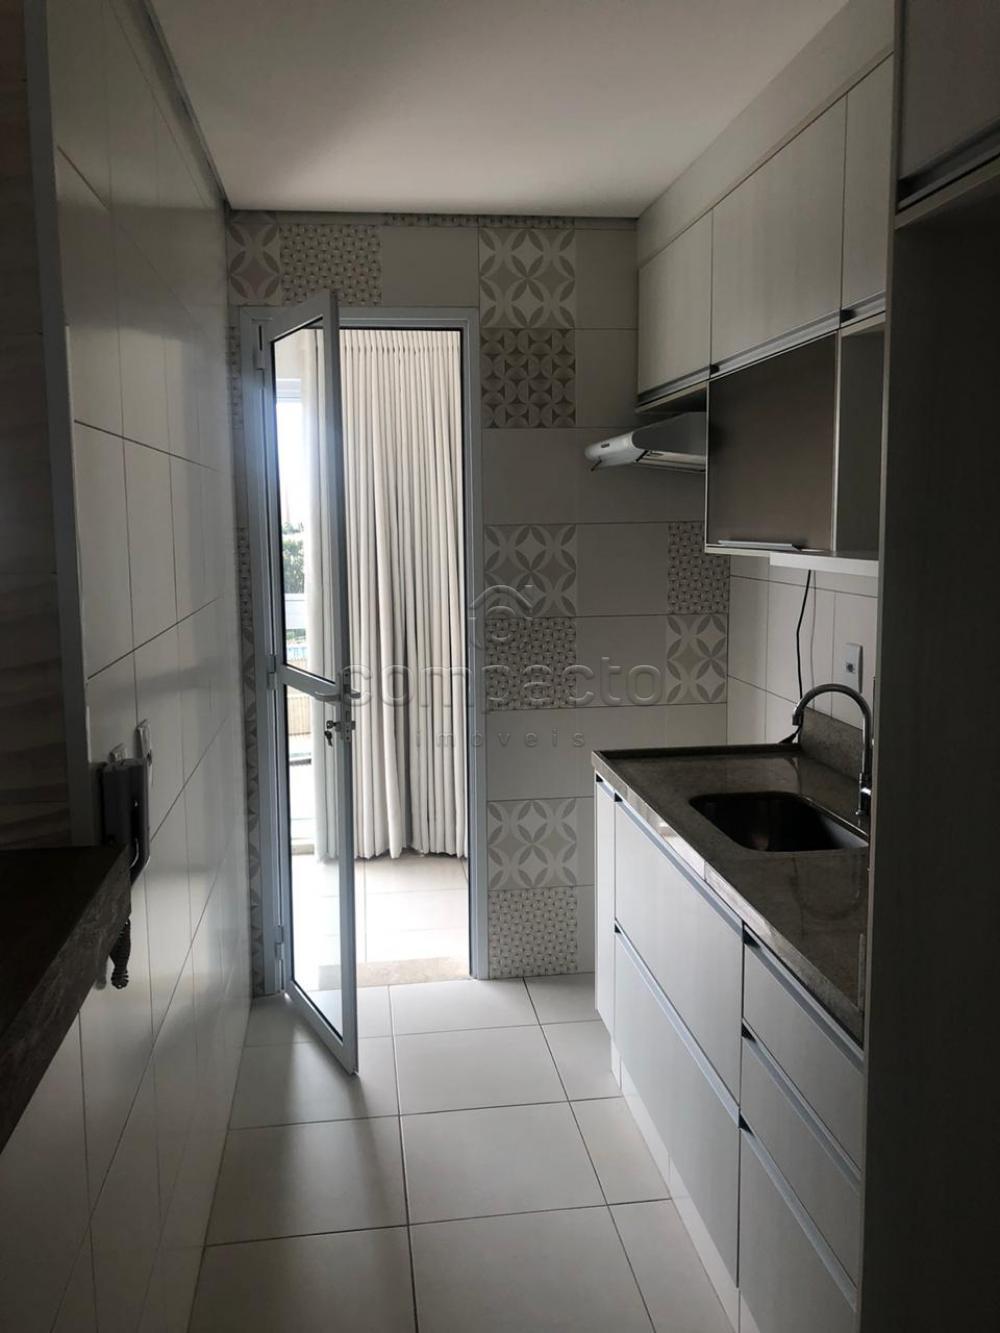 Alugar Apartamento / Padrão em São José do Rio Preto apenas R$ 2.100,00 - Foto 3